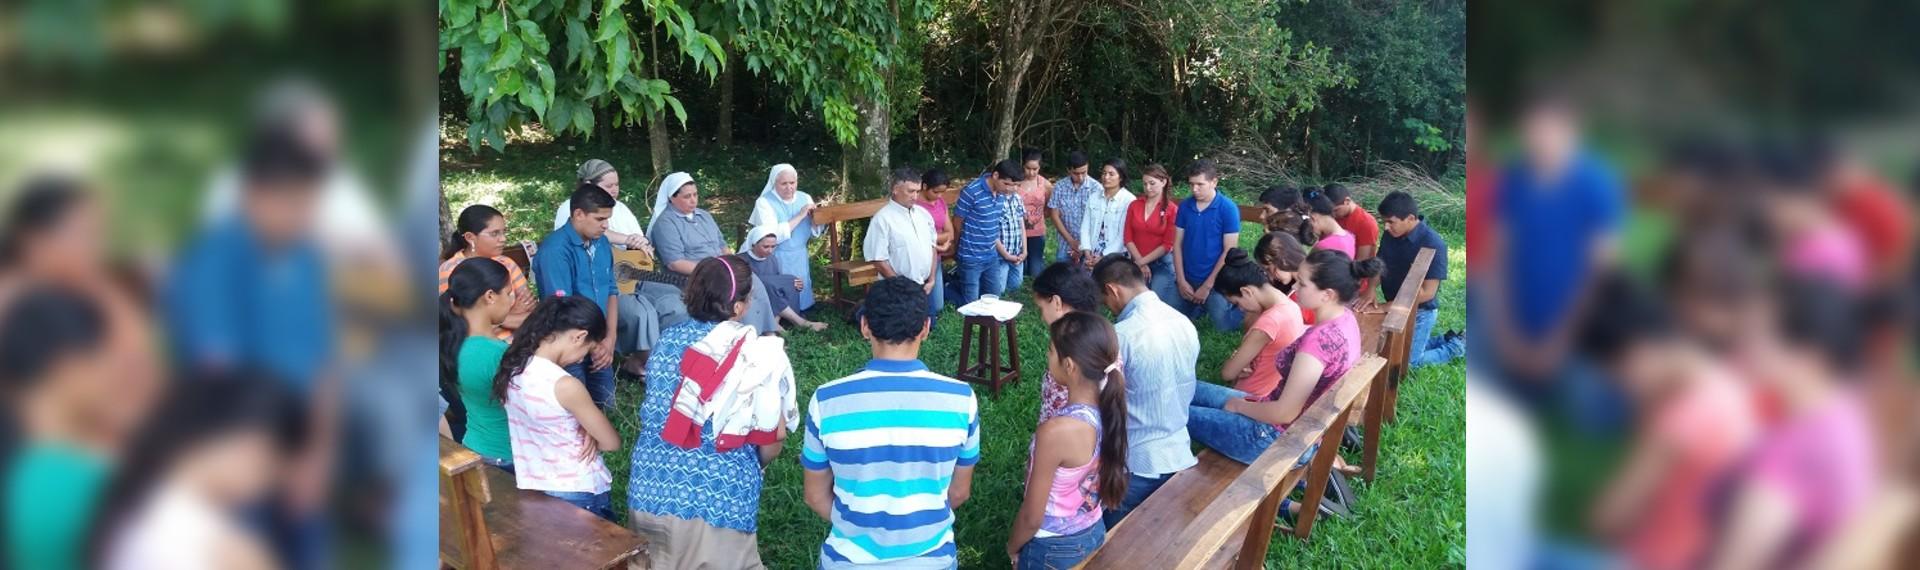 Insegnaci-a-pregare-1